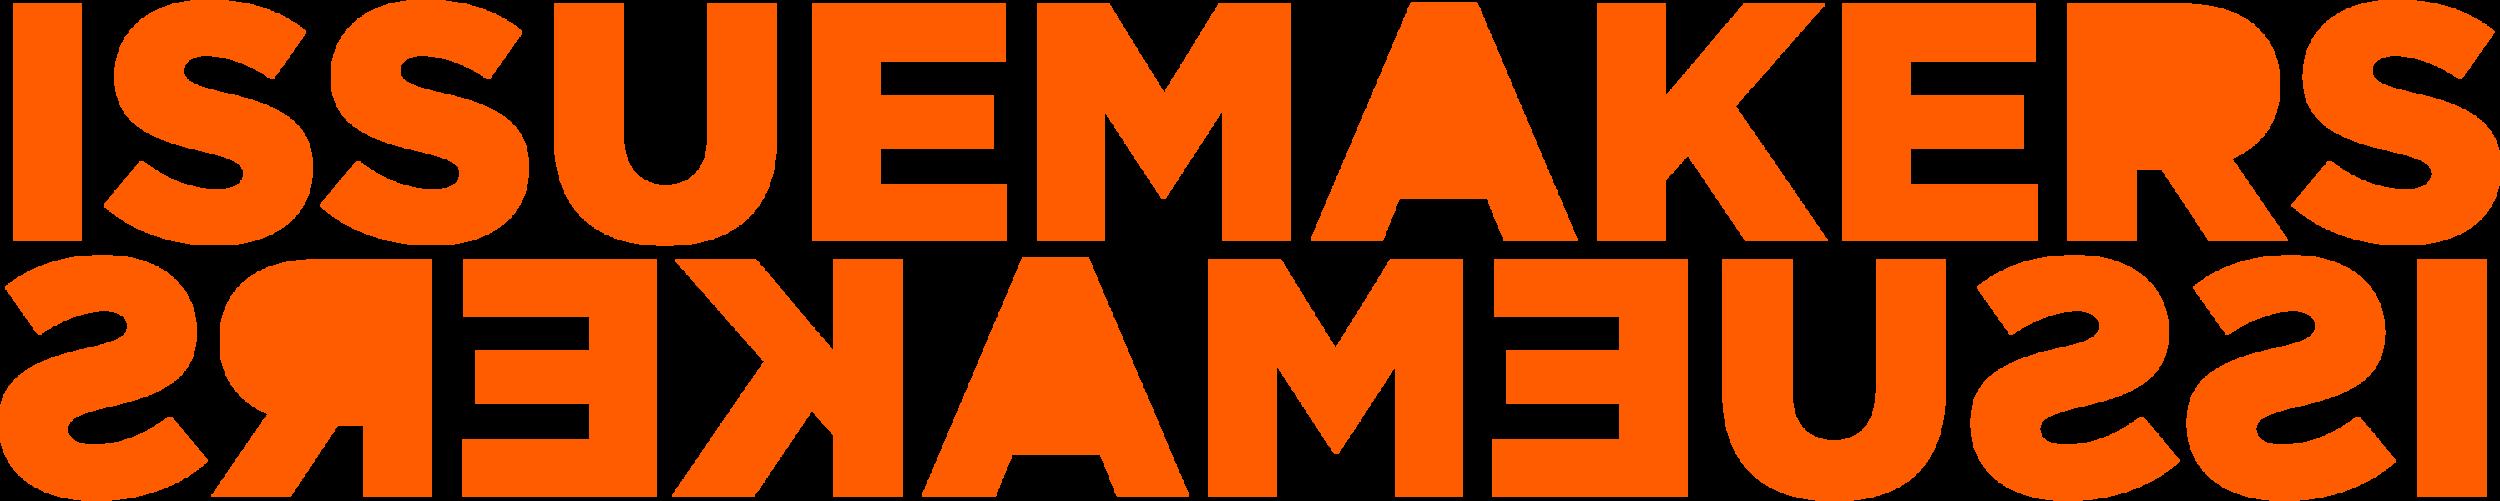 Issuemakers-Logo.jpg